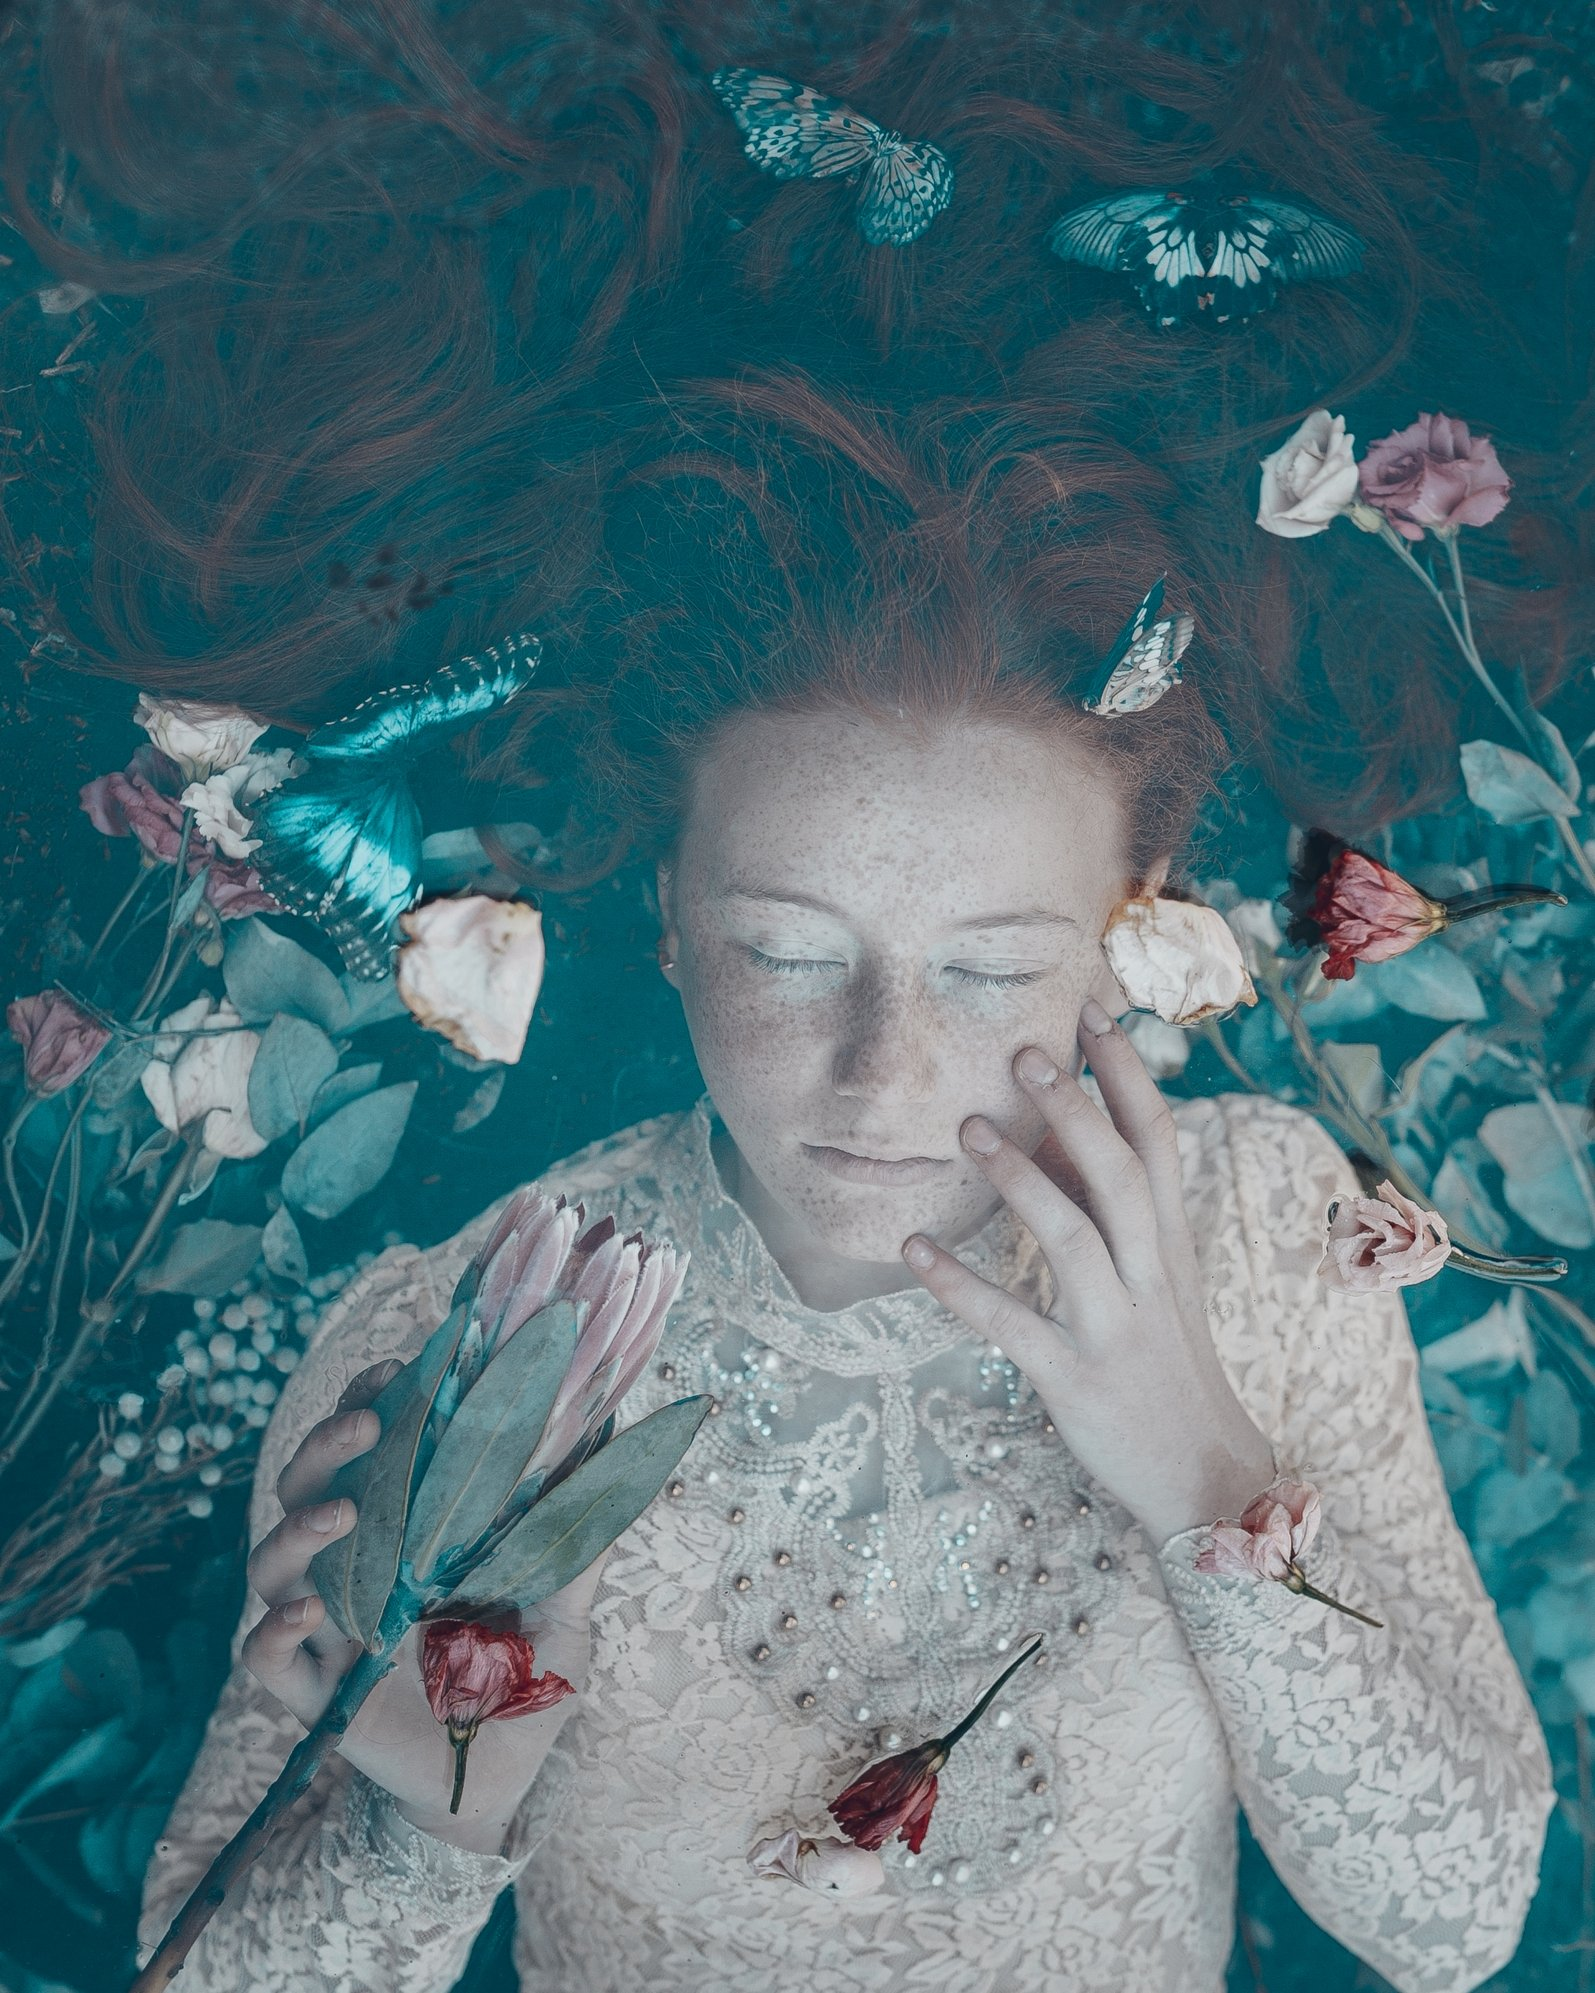 девочка бабочки бабочка цветы рыжая розы, Вероника Гергерт